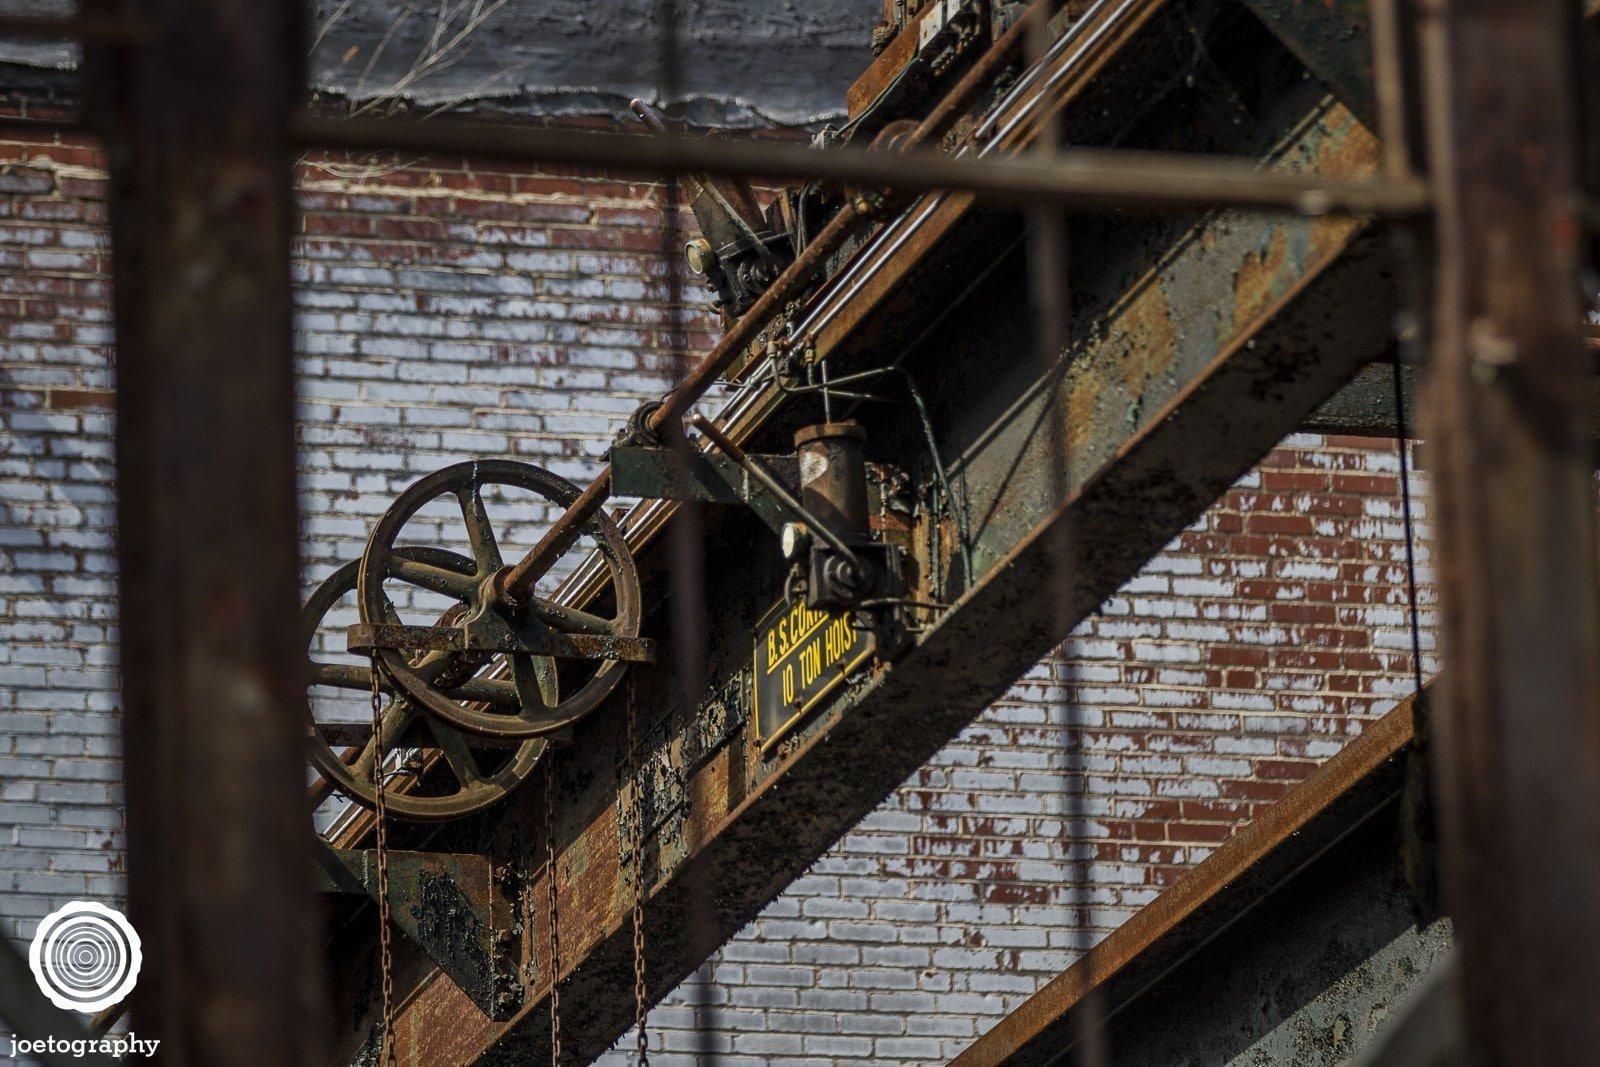 joetography-travel-photography-bethlehem-steel-pennsylvania-2015-13